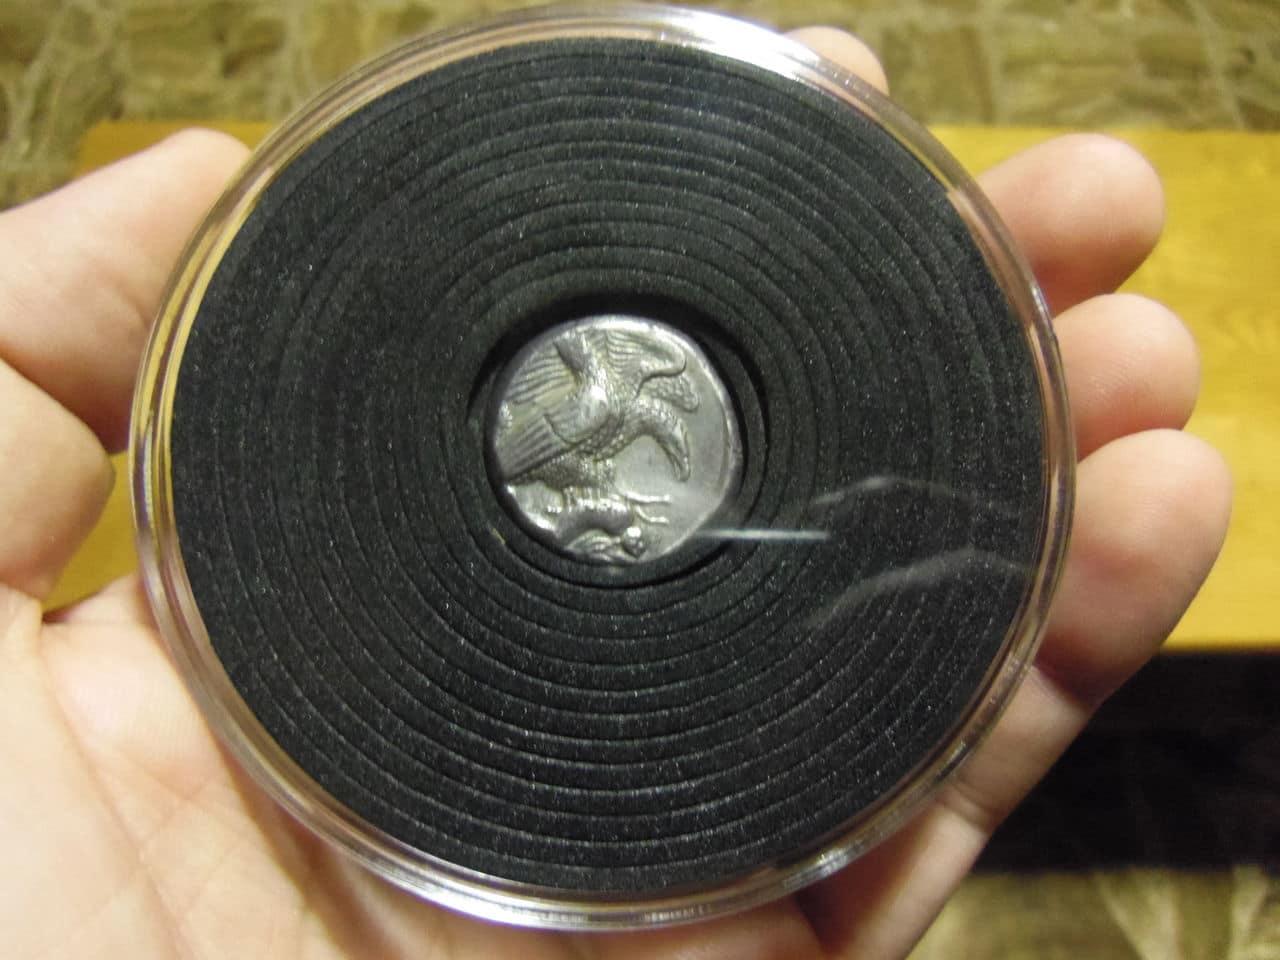 Nuevas Cápsulas de monedas CAPS XL de Leuchtturm. ¡Al fin hay capsulas para las monedas Griegas Clásicas y para medallas de gran tamaño!. IMGP6687